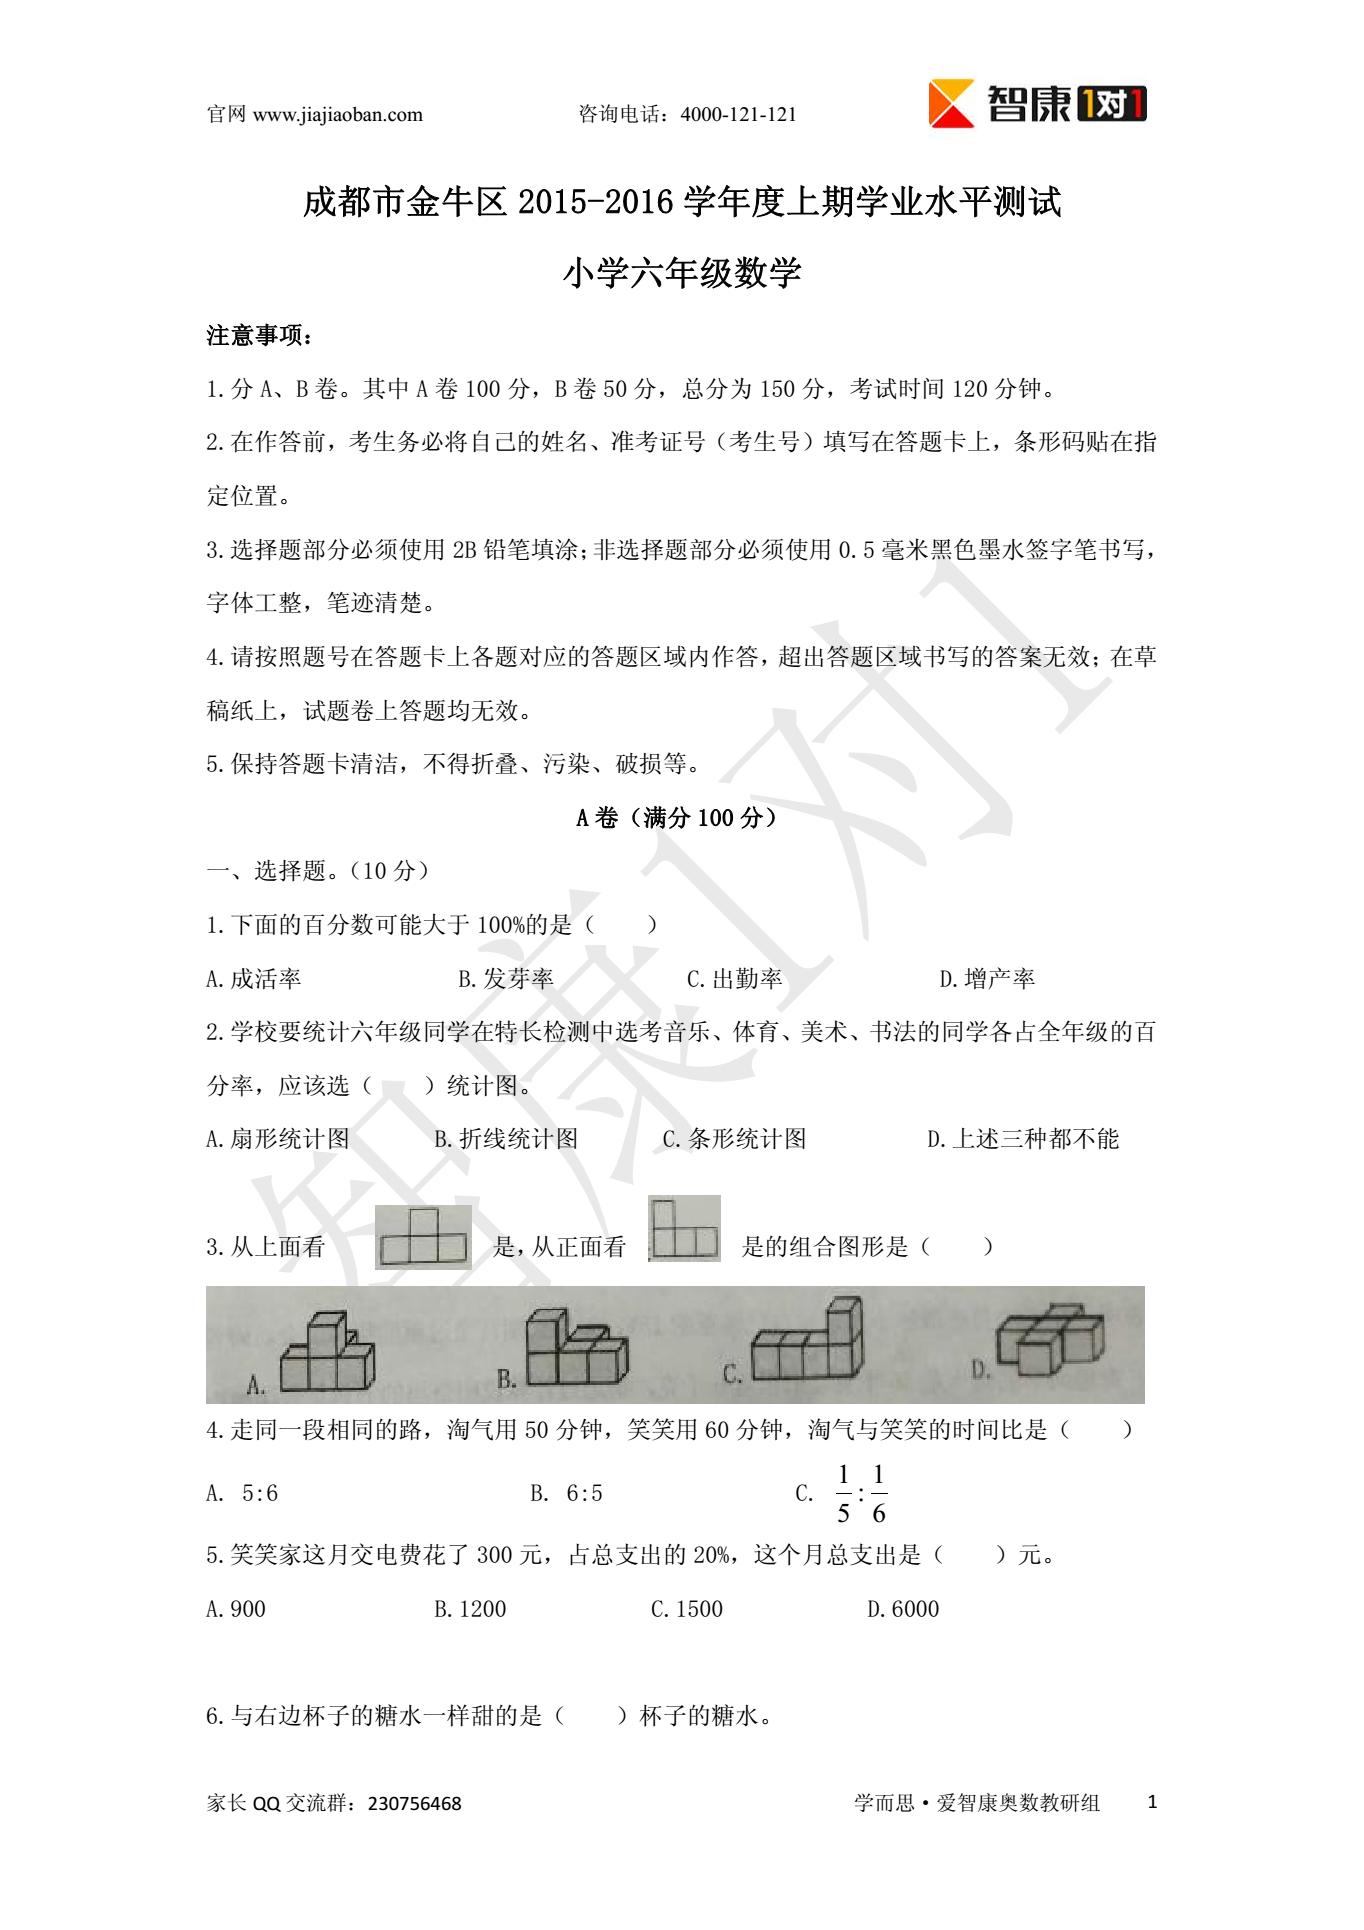 2015-2016学年金牛区小学数学调考试卷